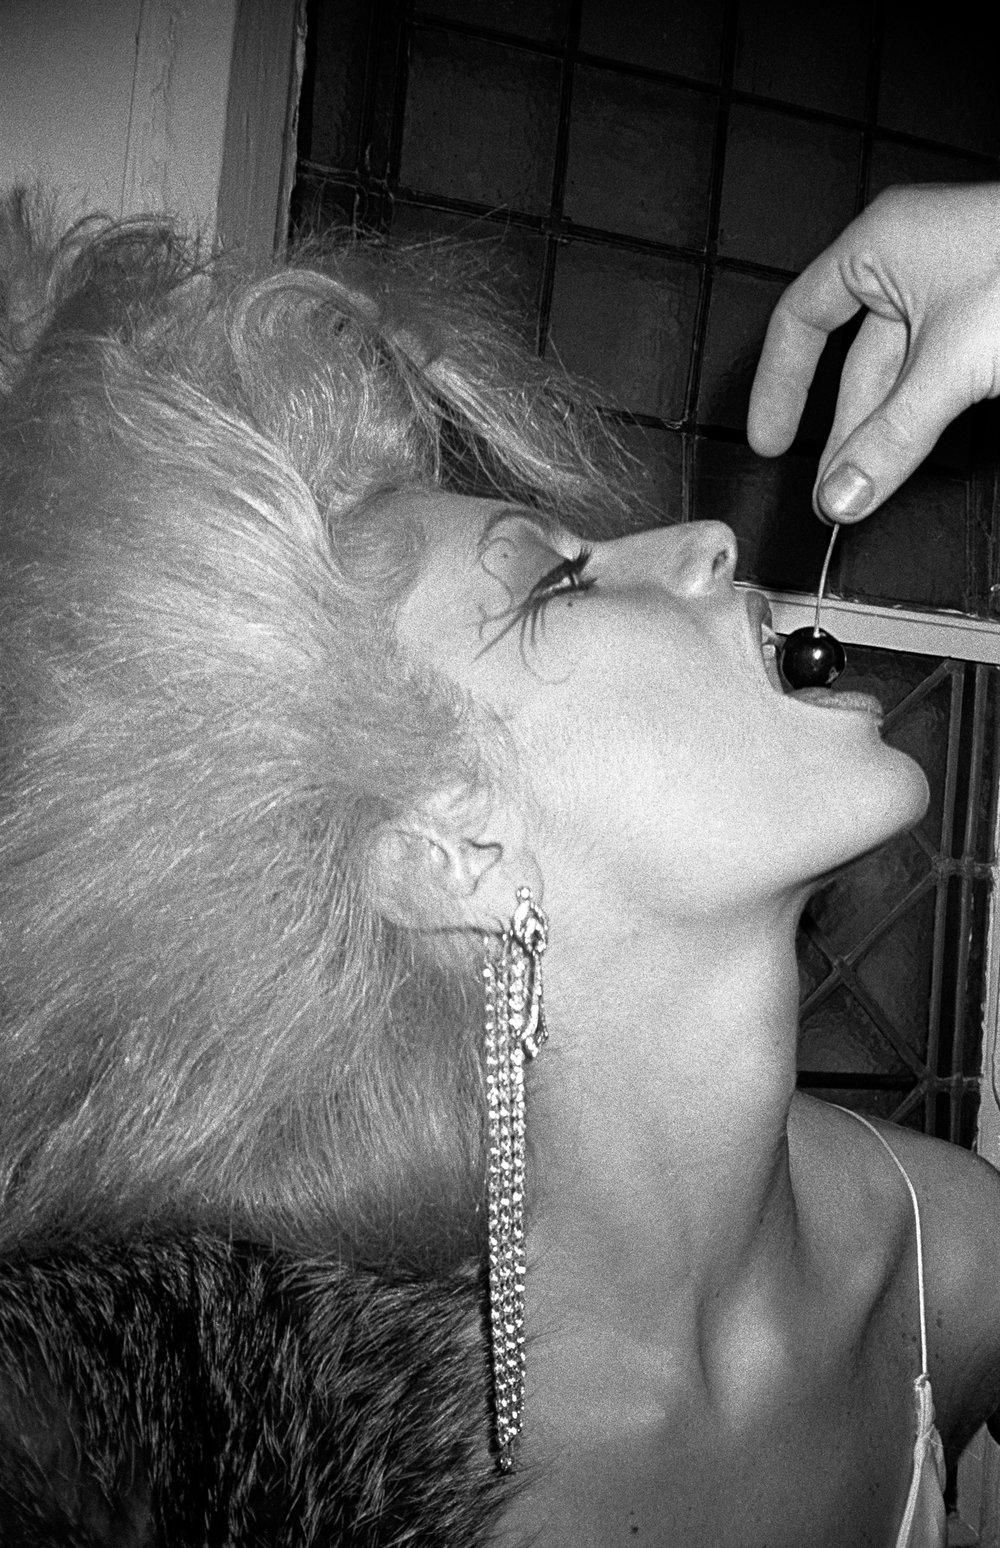 Woman with maraschino cherry. (1985)